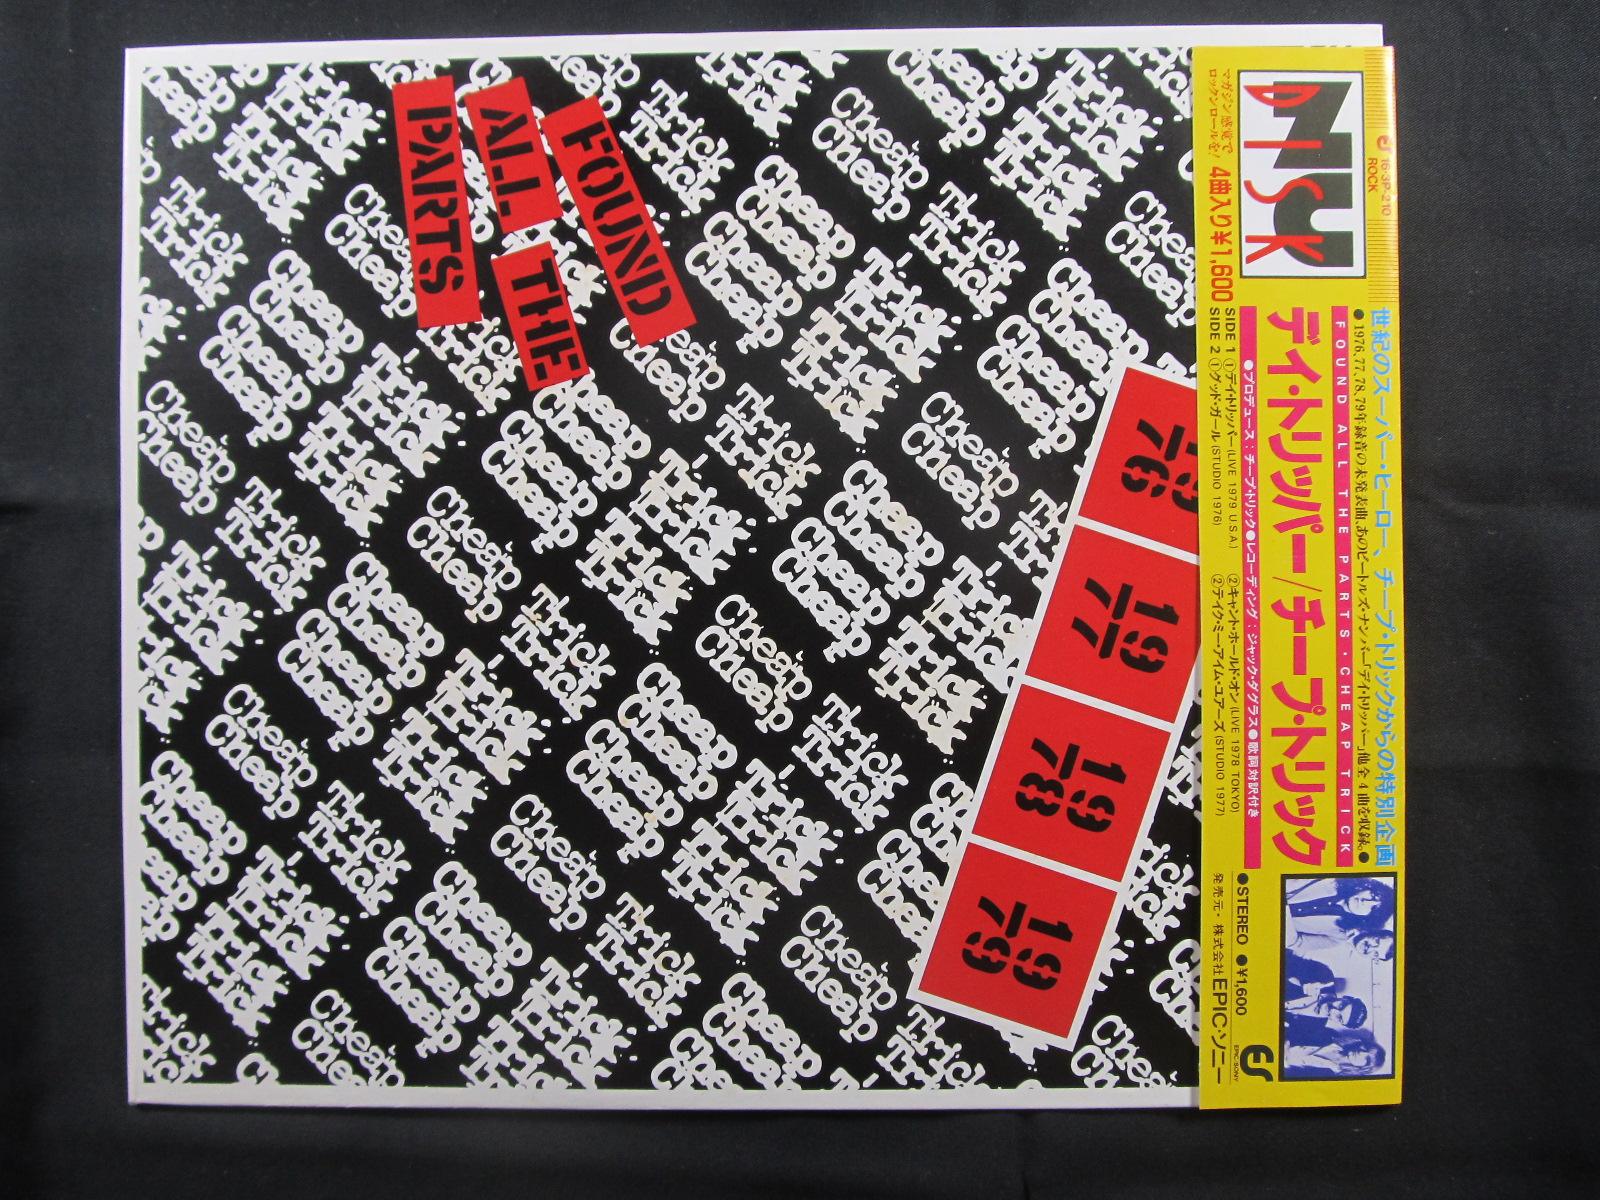 中古ミニLP CHEAP TRICK『DAY TRIPPER』/チープ・トリック 『デイ・トリッパー』画像